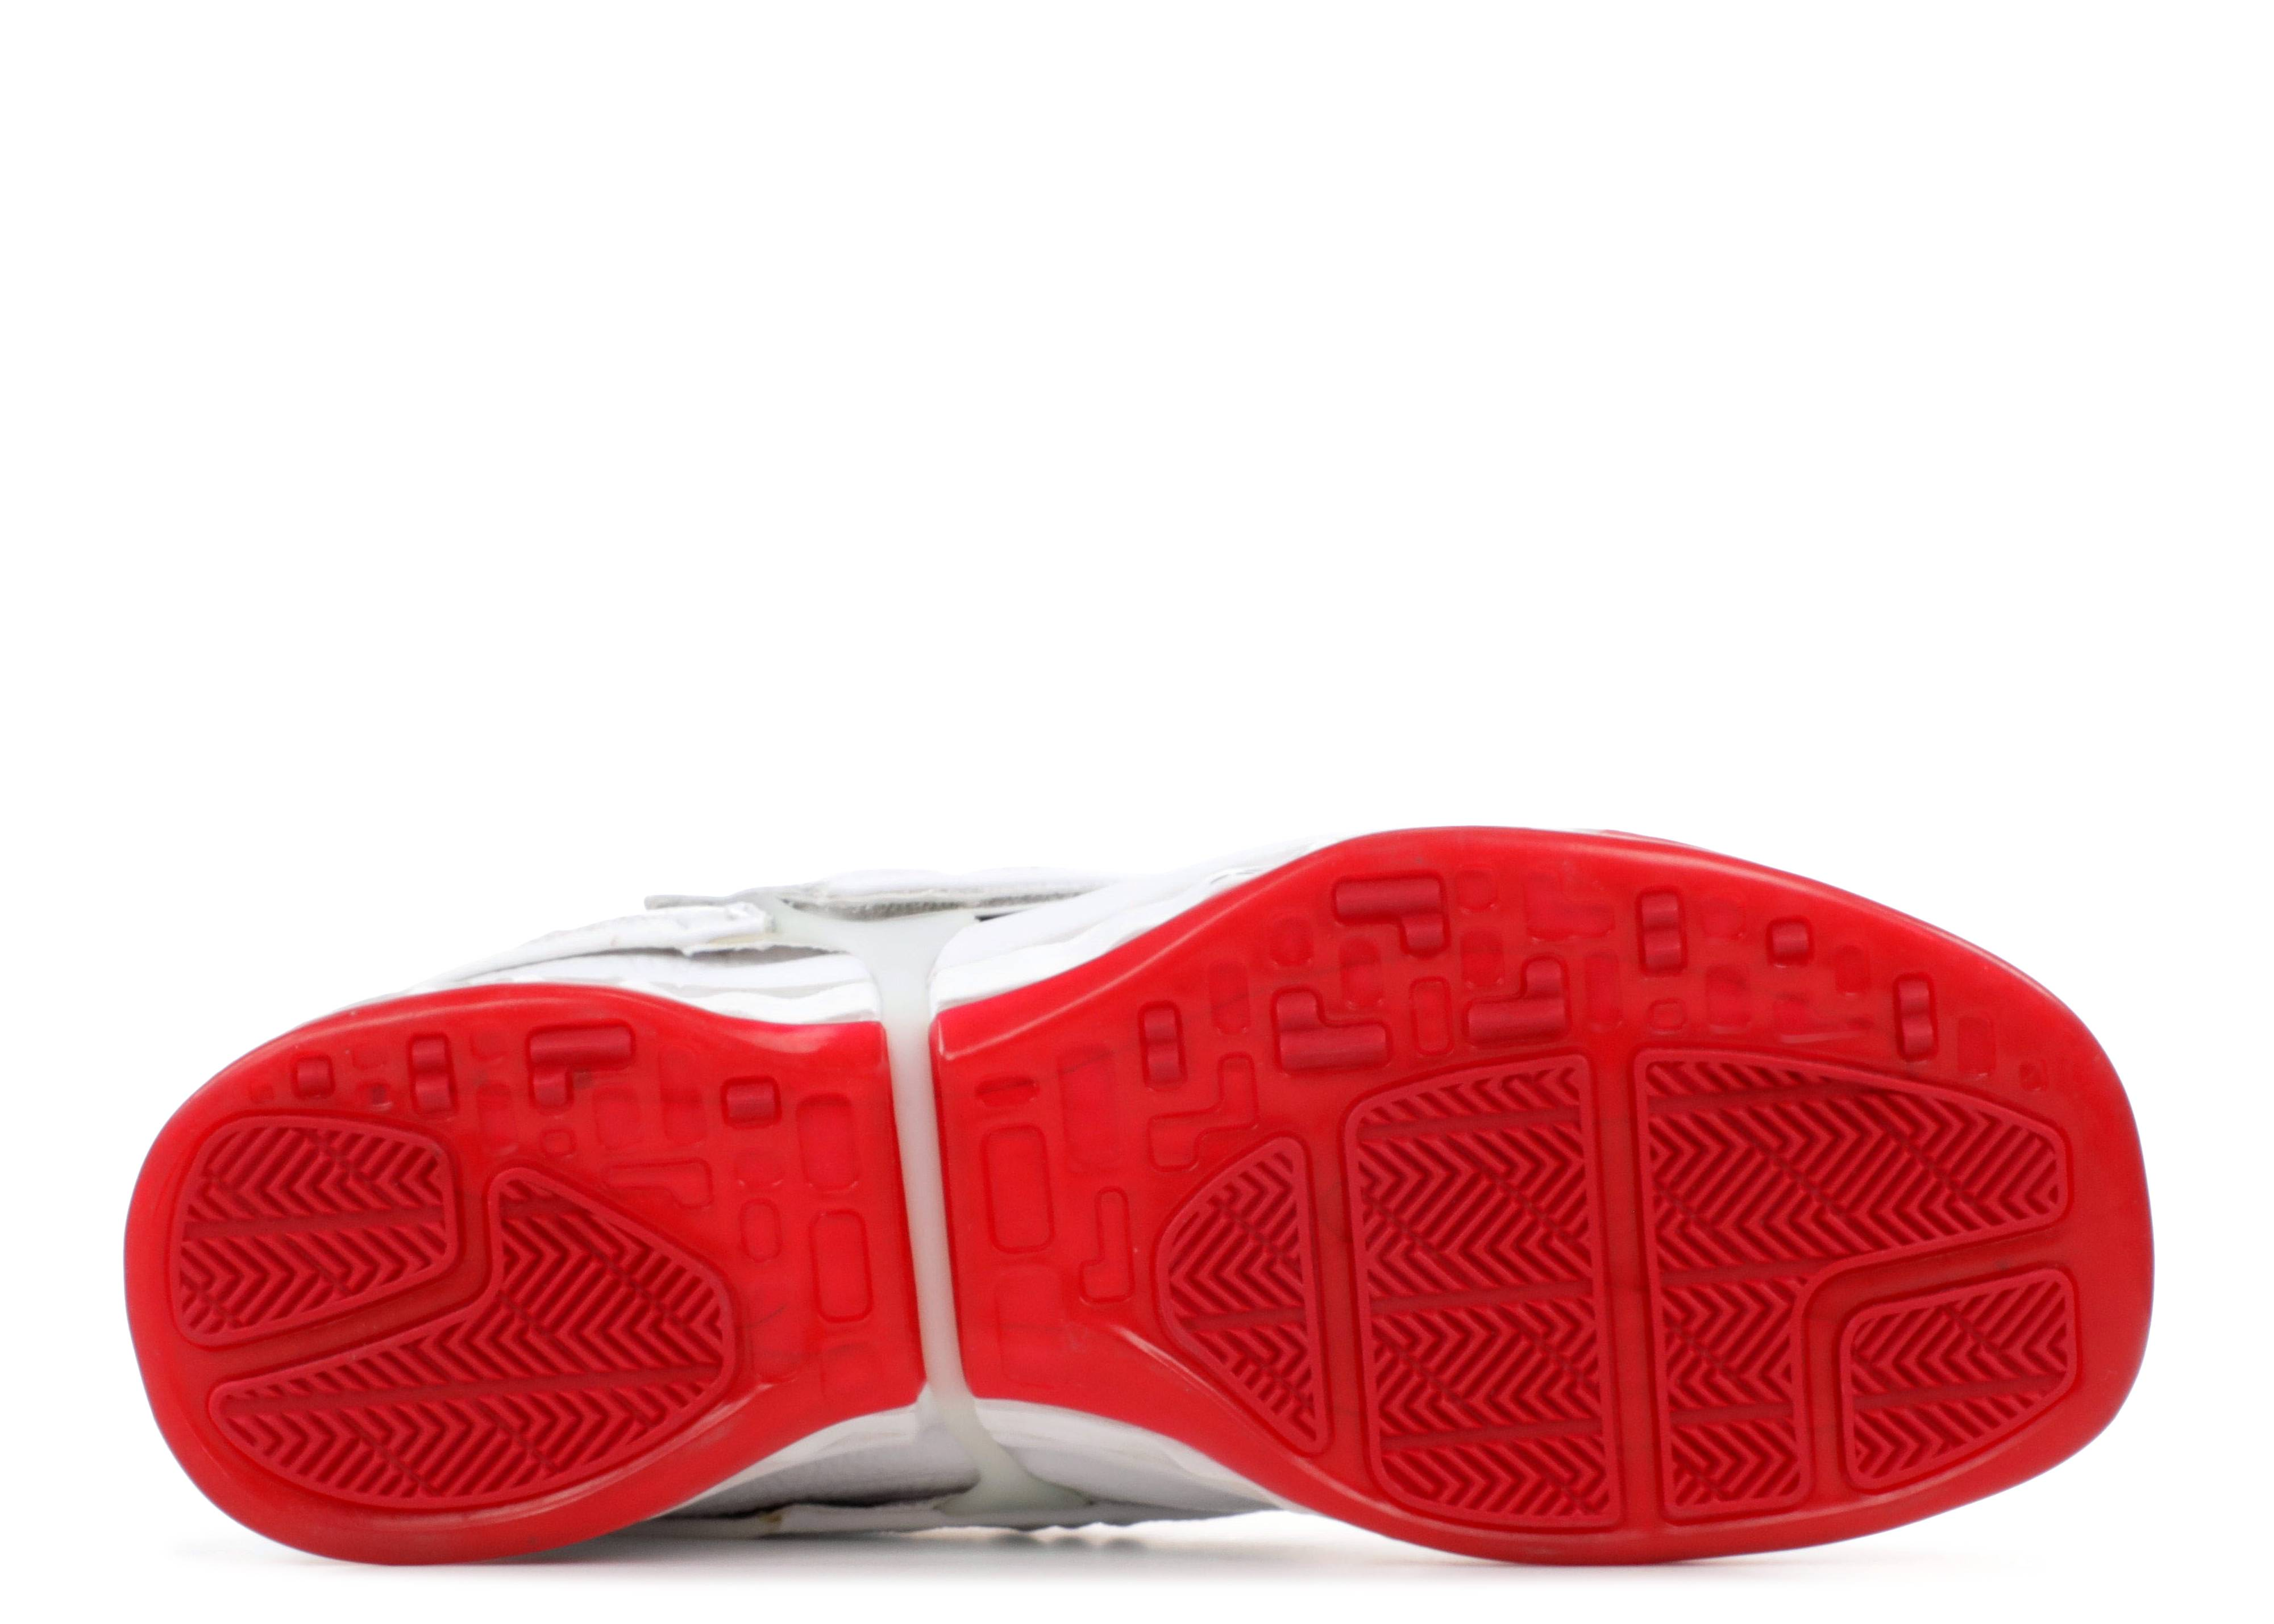 df2501b08f20 Air Jordan 16 Retro